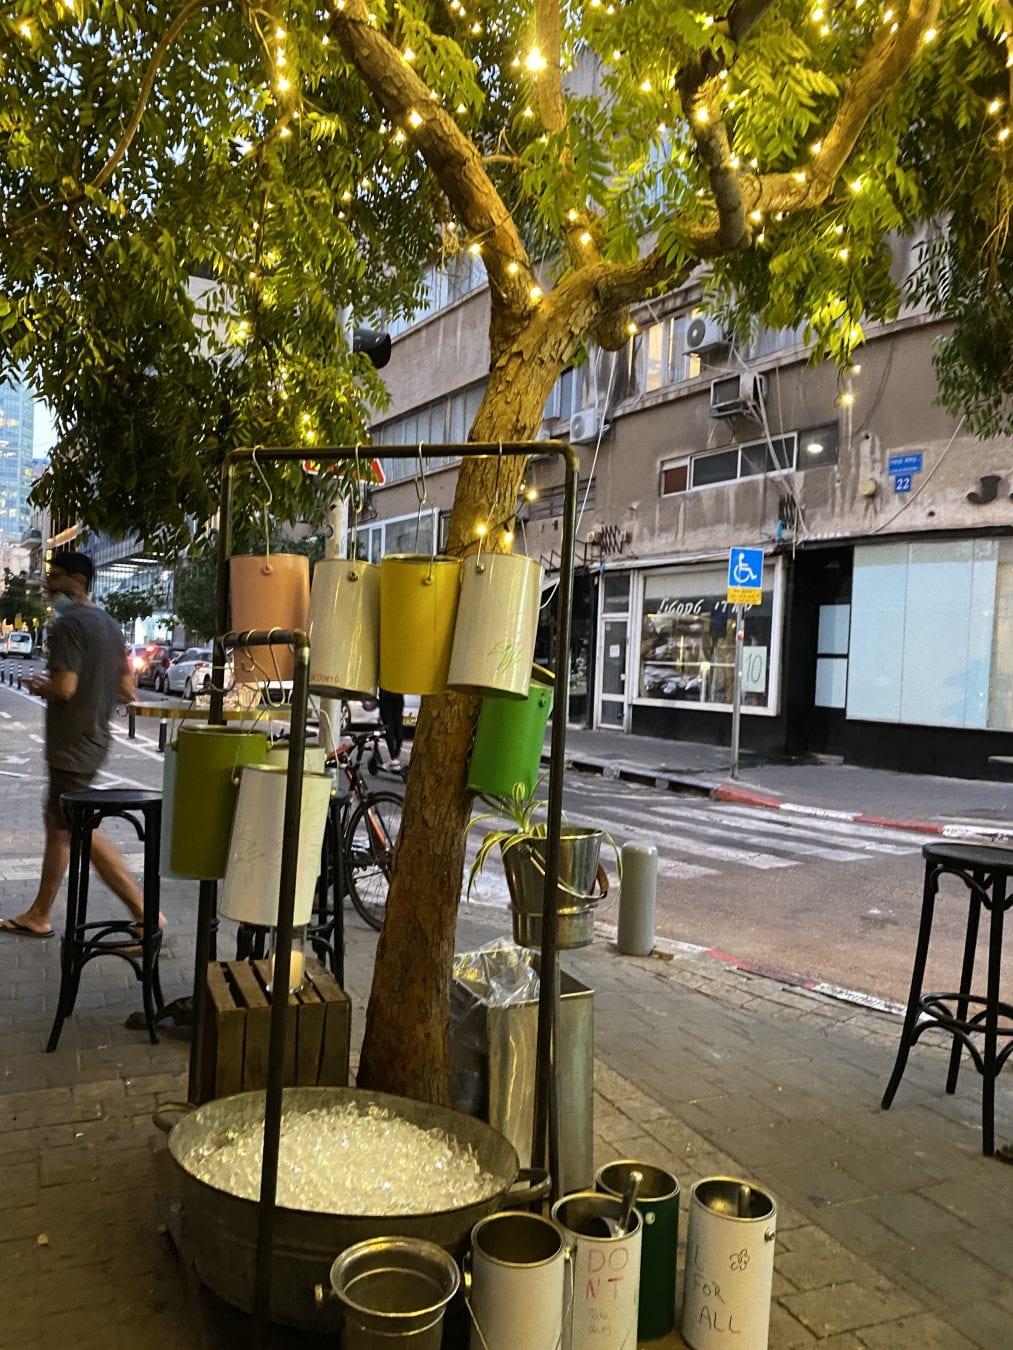 תל אביב מלונות אטרקציות רחובות Tel aviv streets